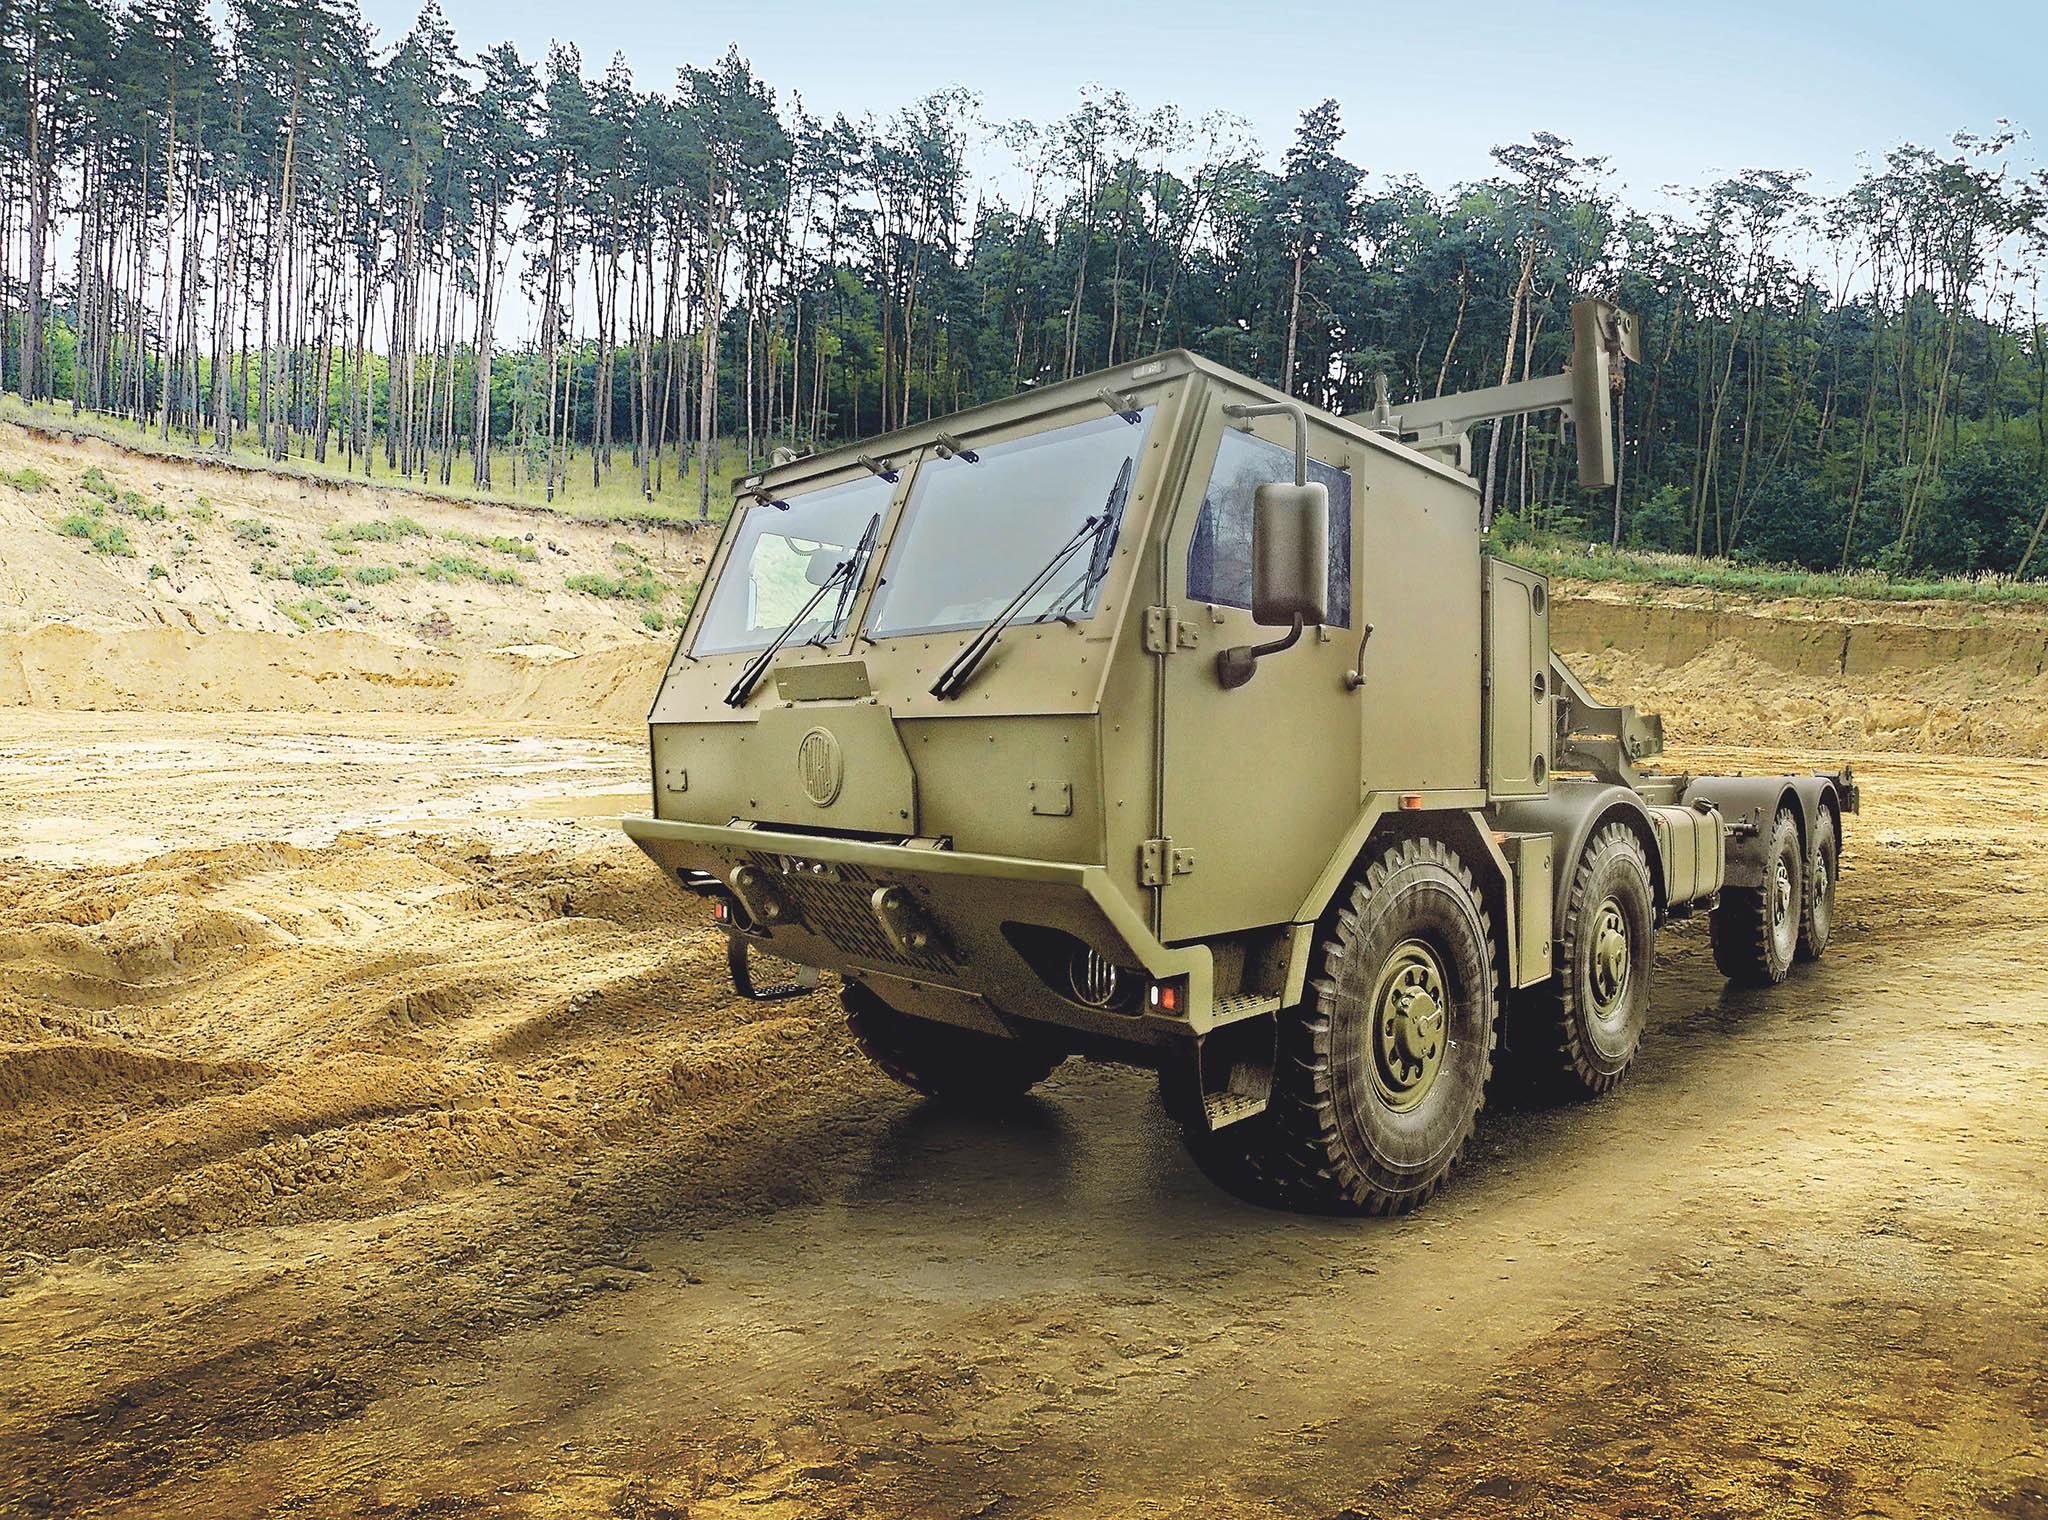 Nosič kontejnerů Tatra Force s hákovým nakladačem a standardní nebo pancéřovou kabinou je vhodný pro logistickou podporu v bojových operacích, ale i při řešení krizových situací na území Česka. Zodolněná kabina chrání posádku za všech okolností.